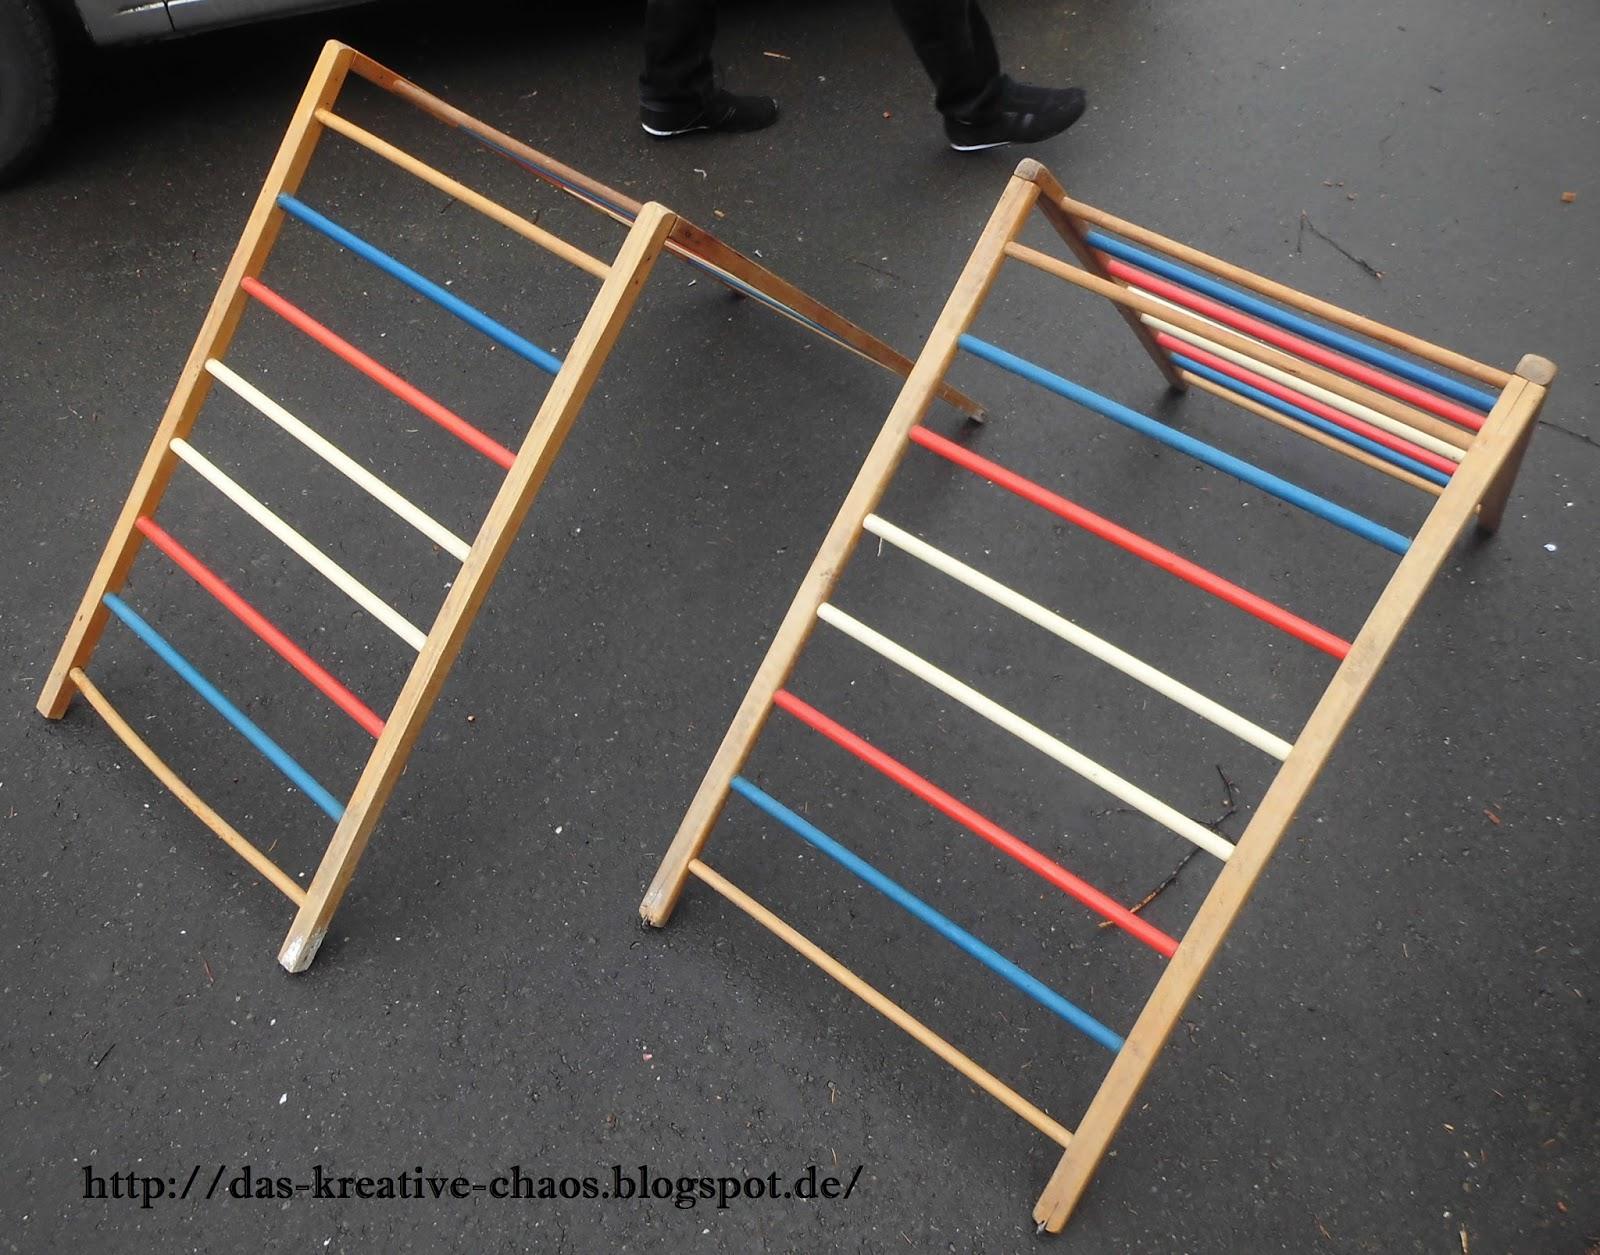 Kletterdreieck Pikler Gebraucht : Frau k und das kreative chaos pikler dreieck selbst gebaut